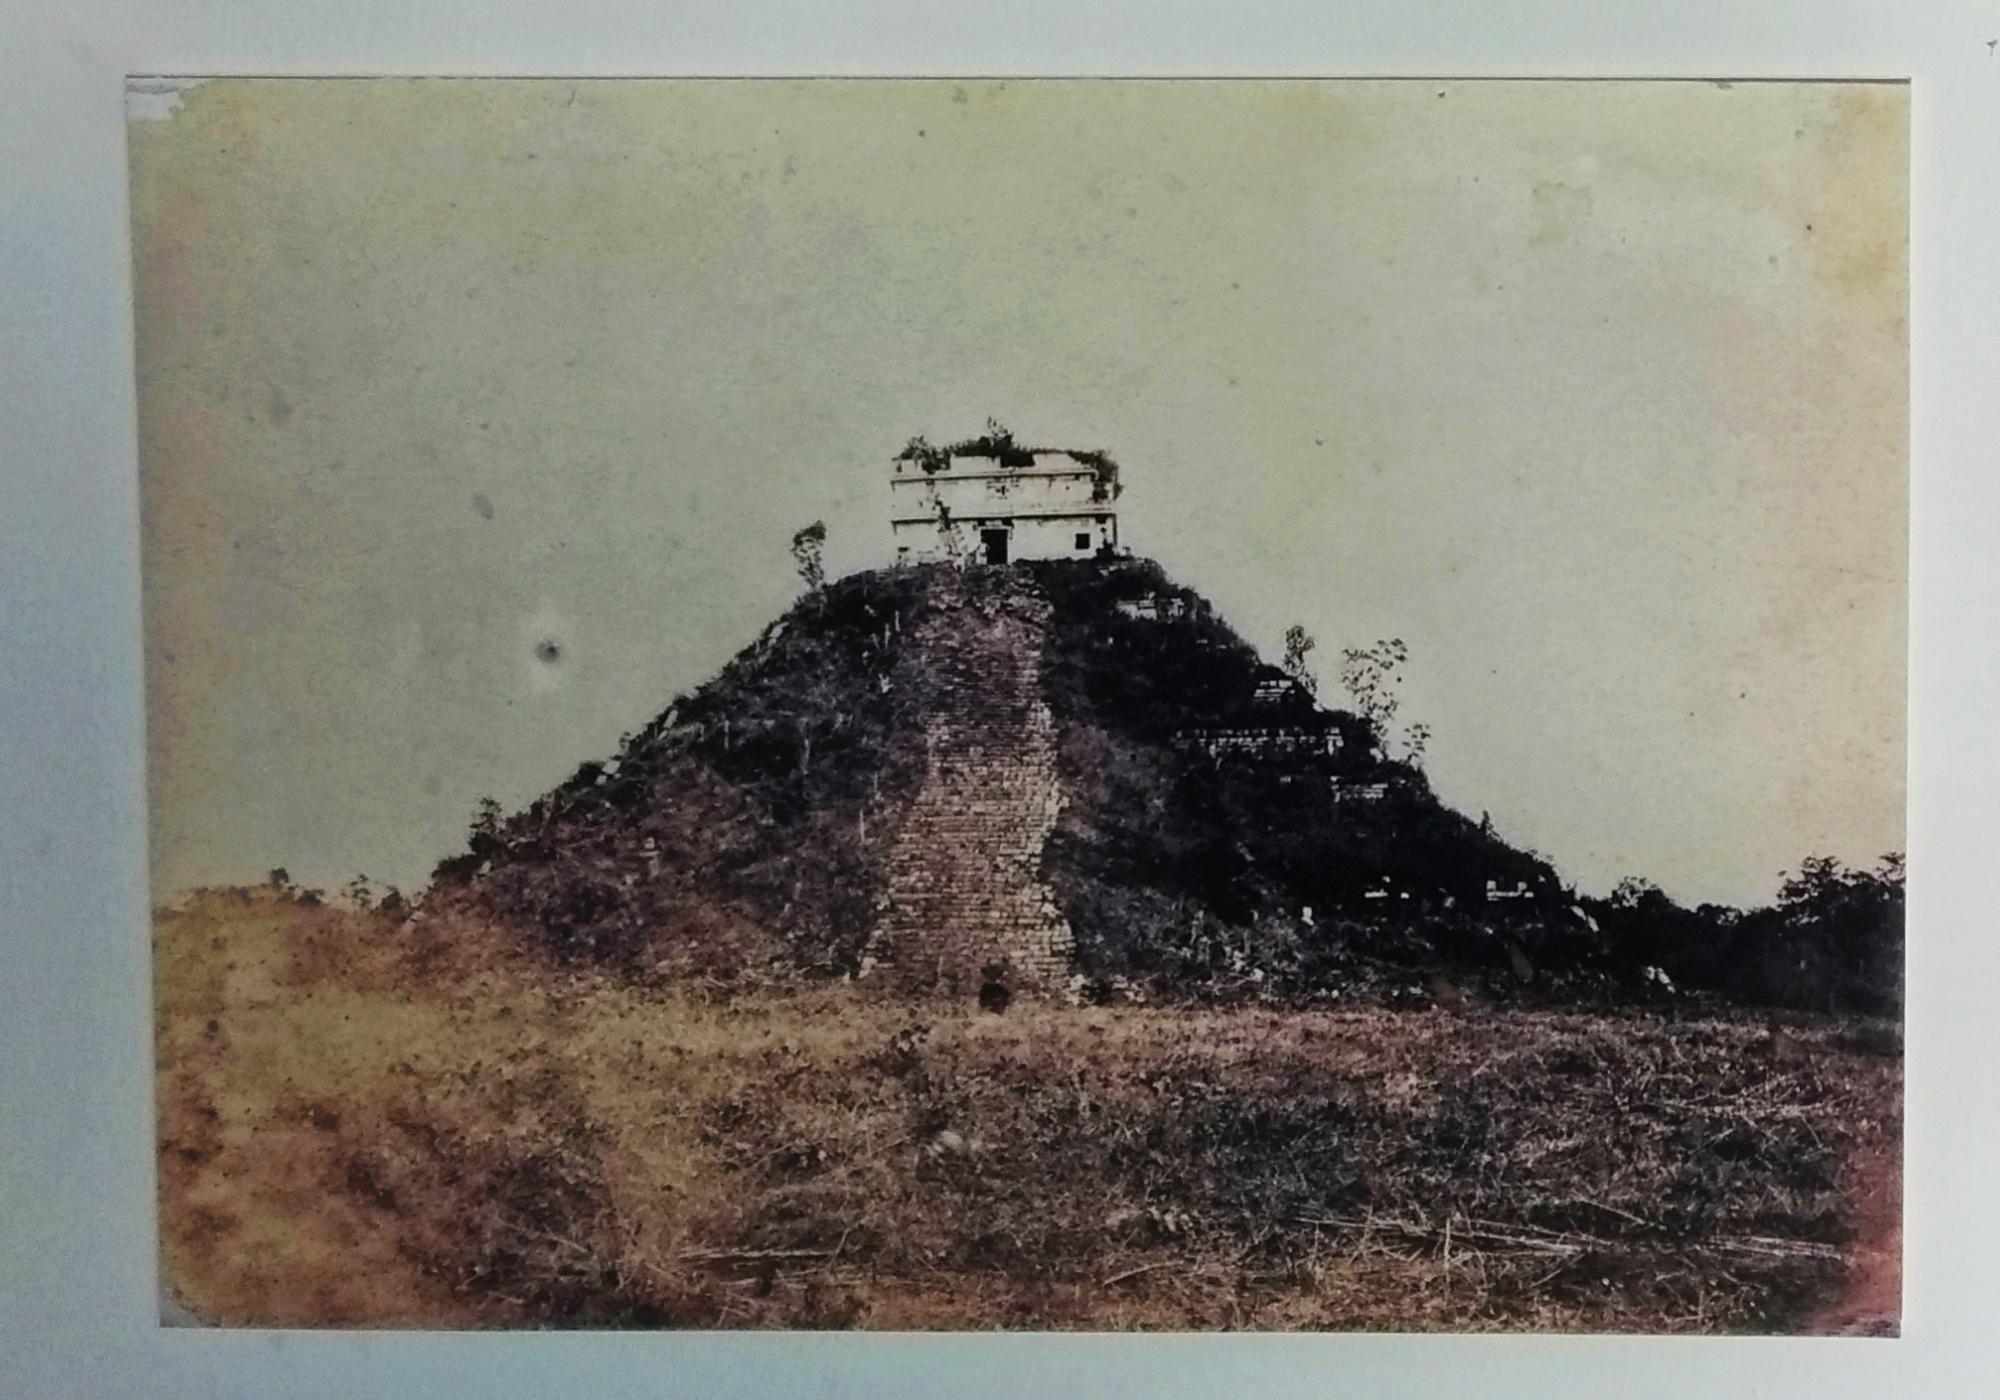 <i>Expediente X</i> de Chichén Itzá: extranjero la compró en $100 para saquearla (video)